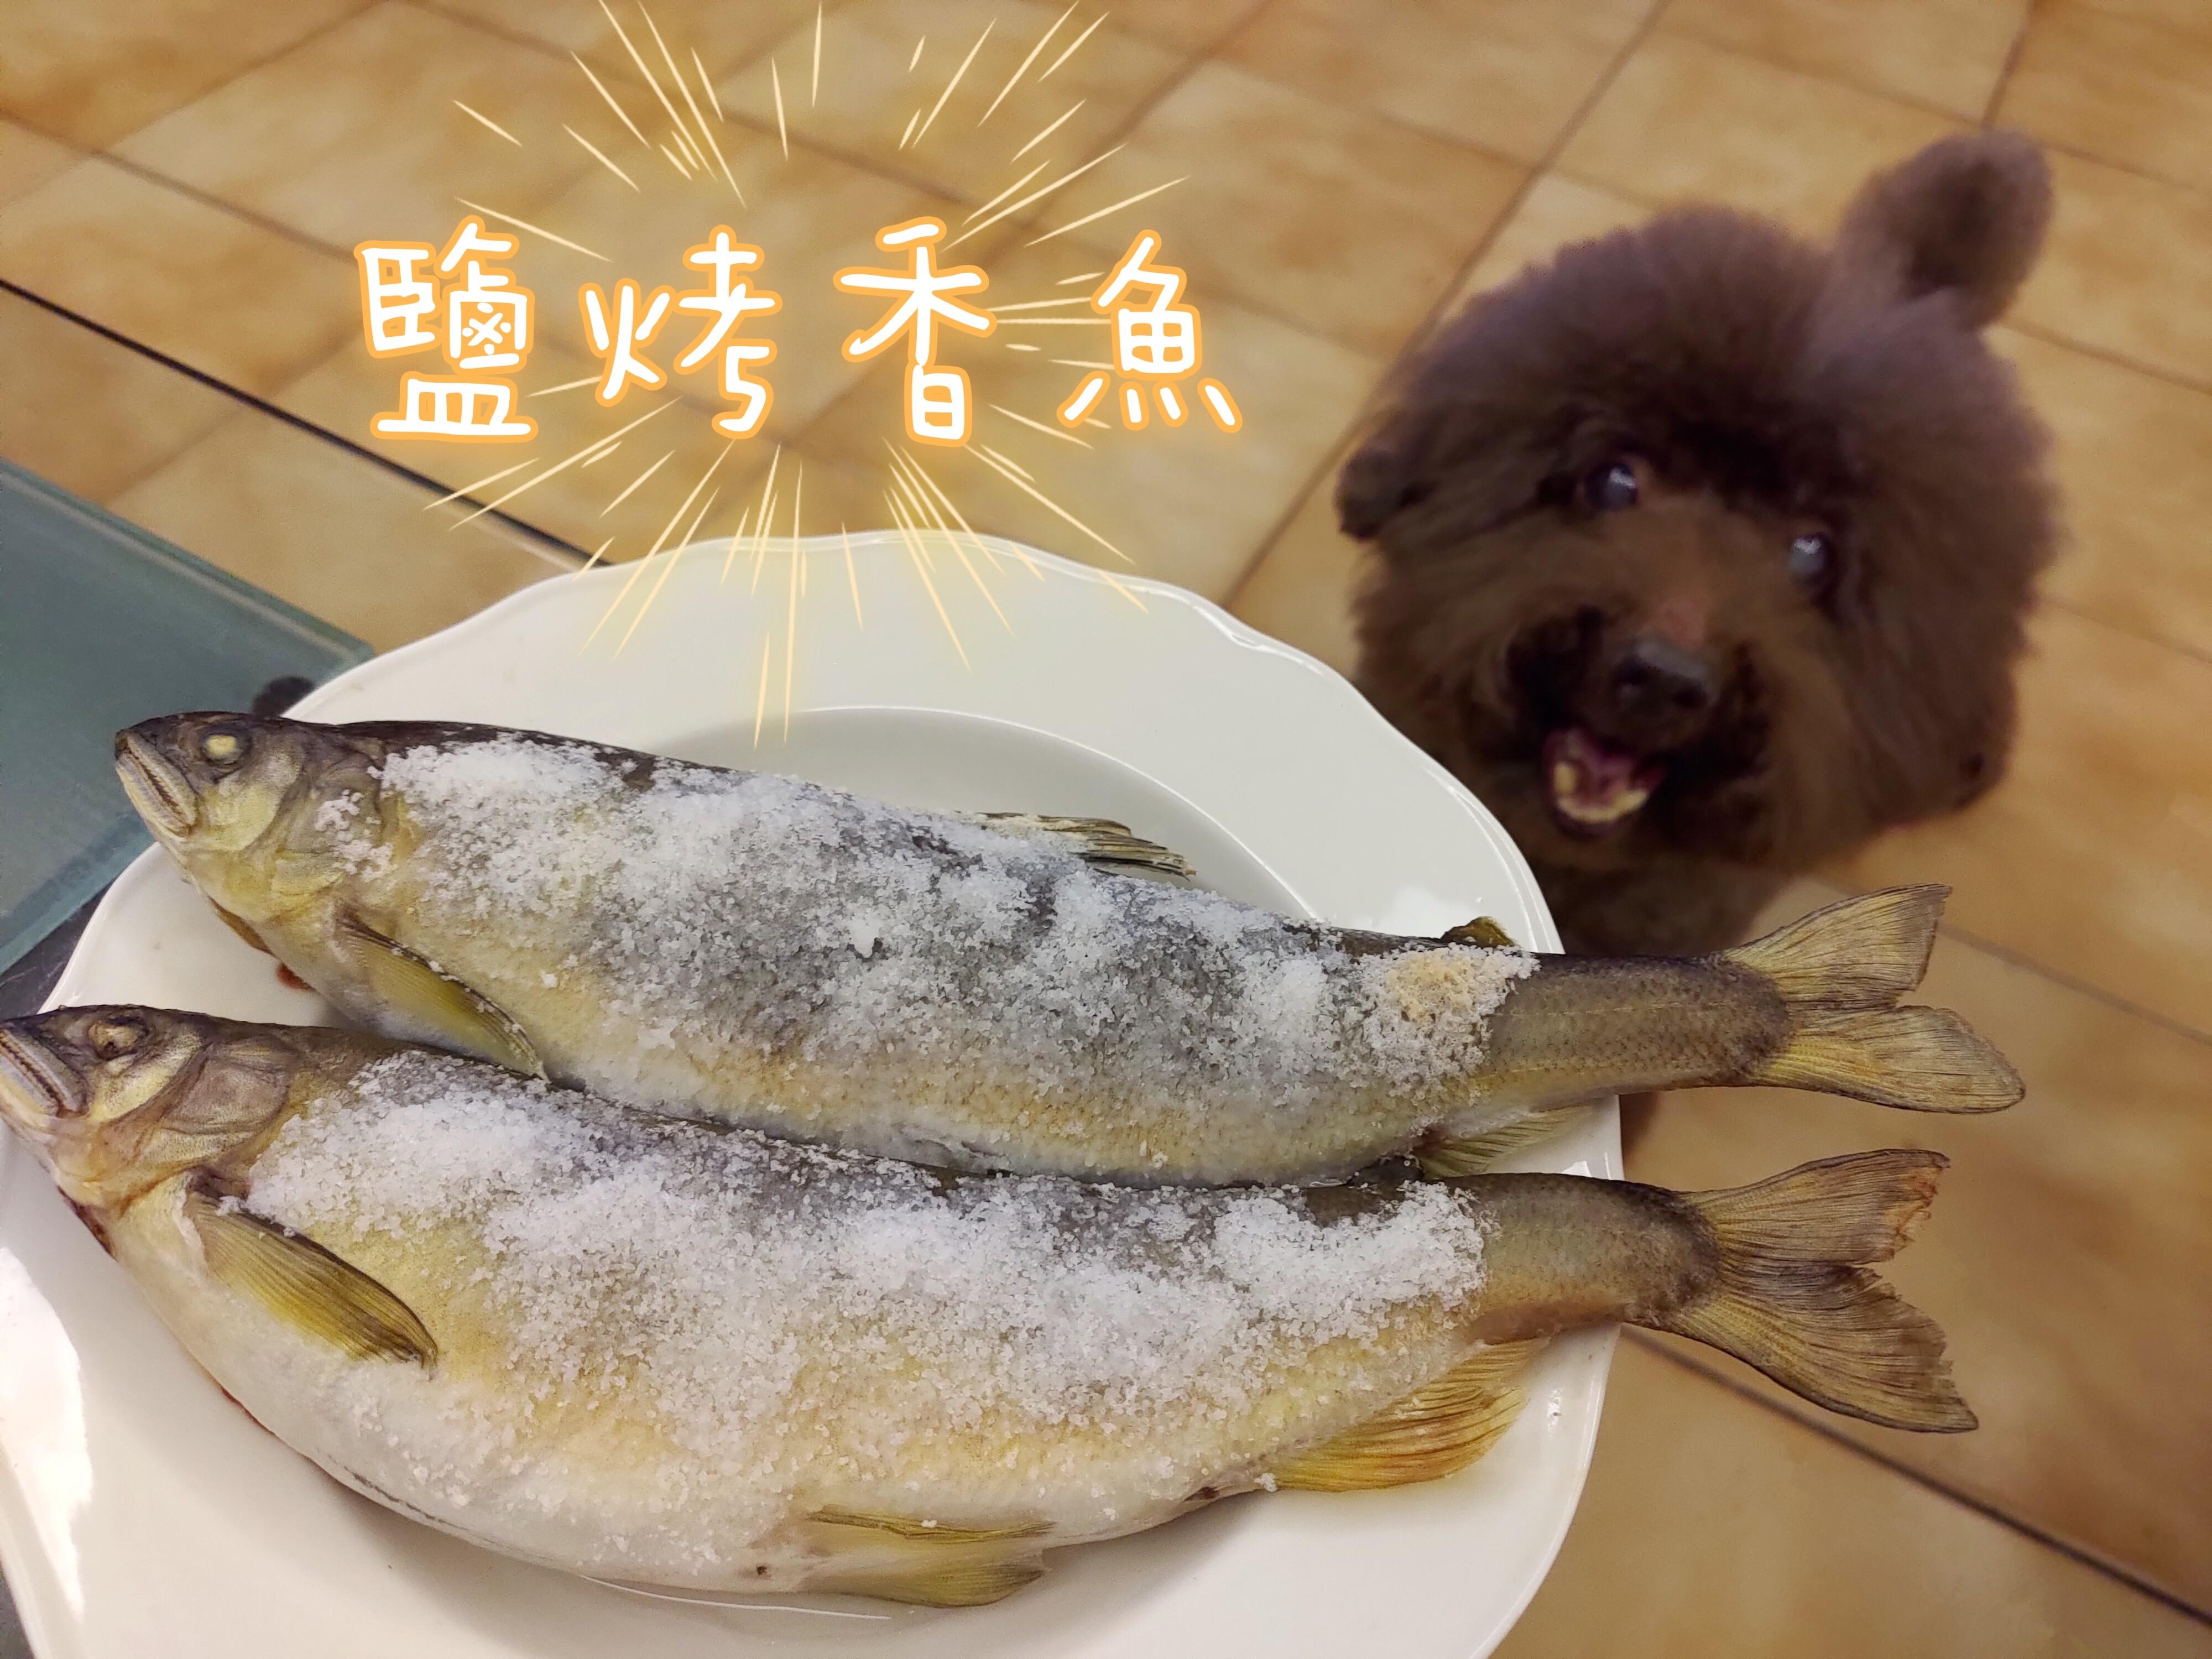 【一秒變大廚】鹽烤香魚𓆞𓆝𓆟 𓆜